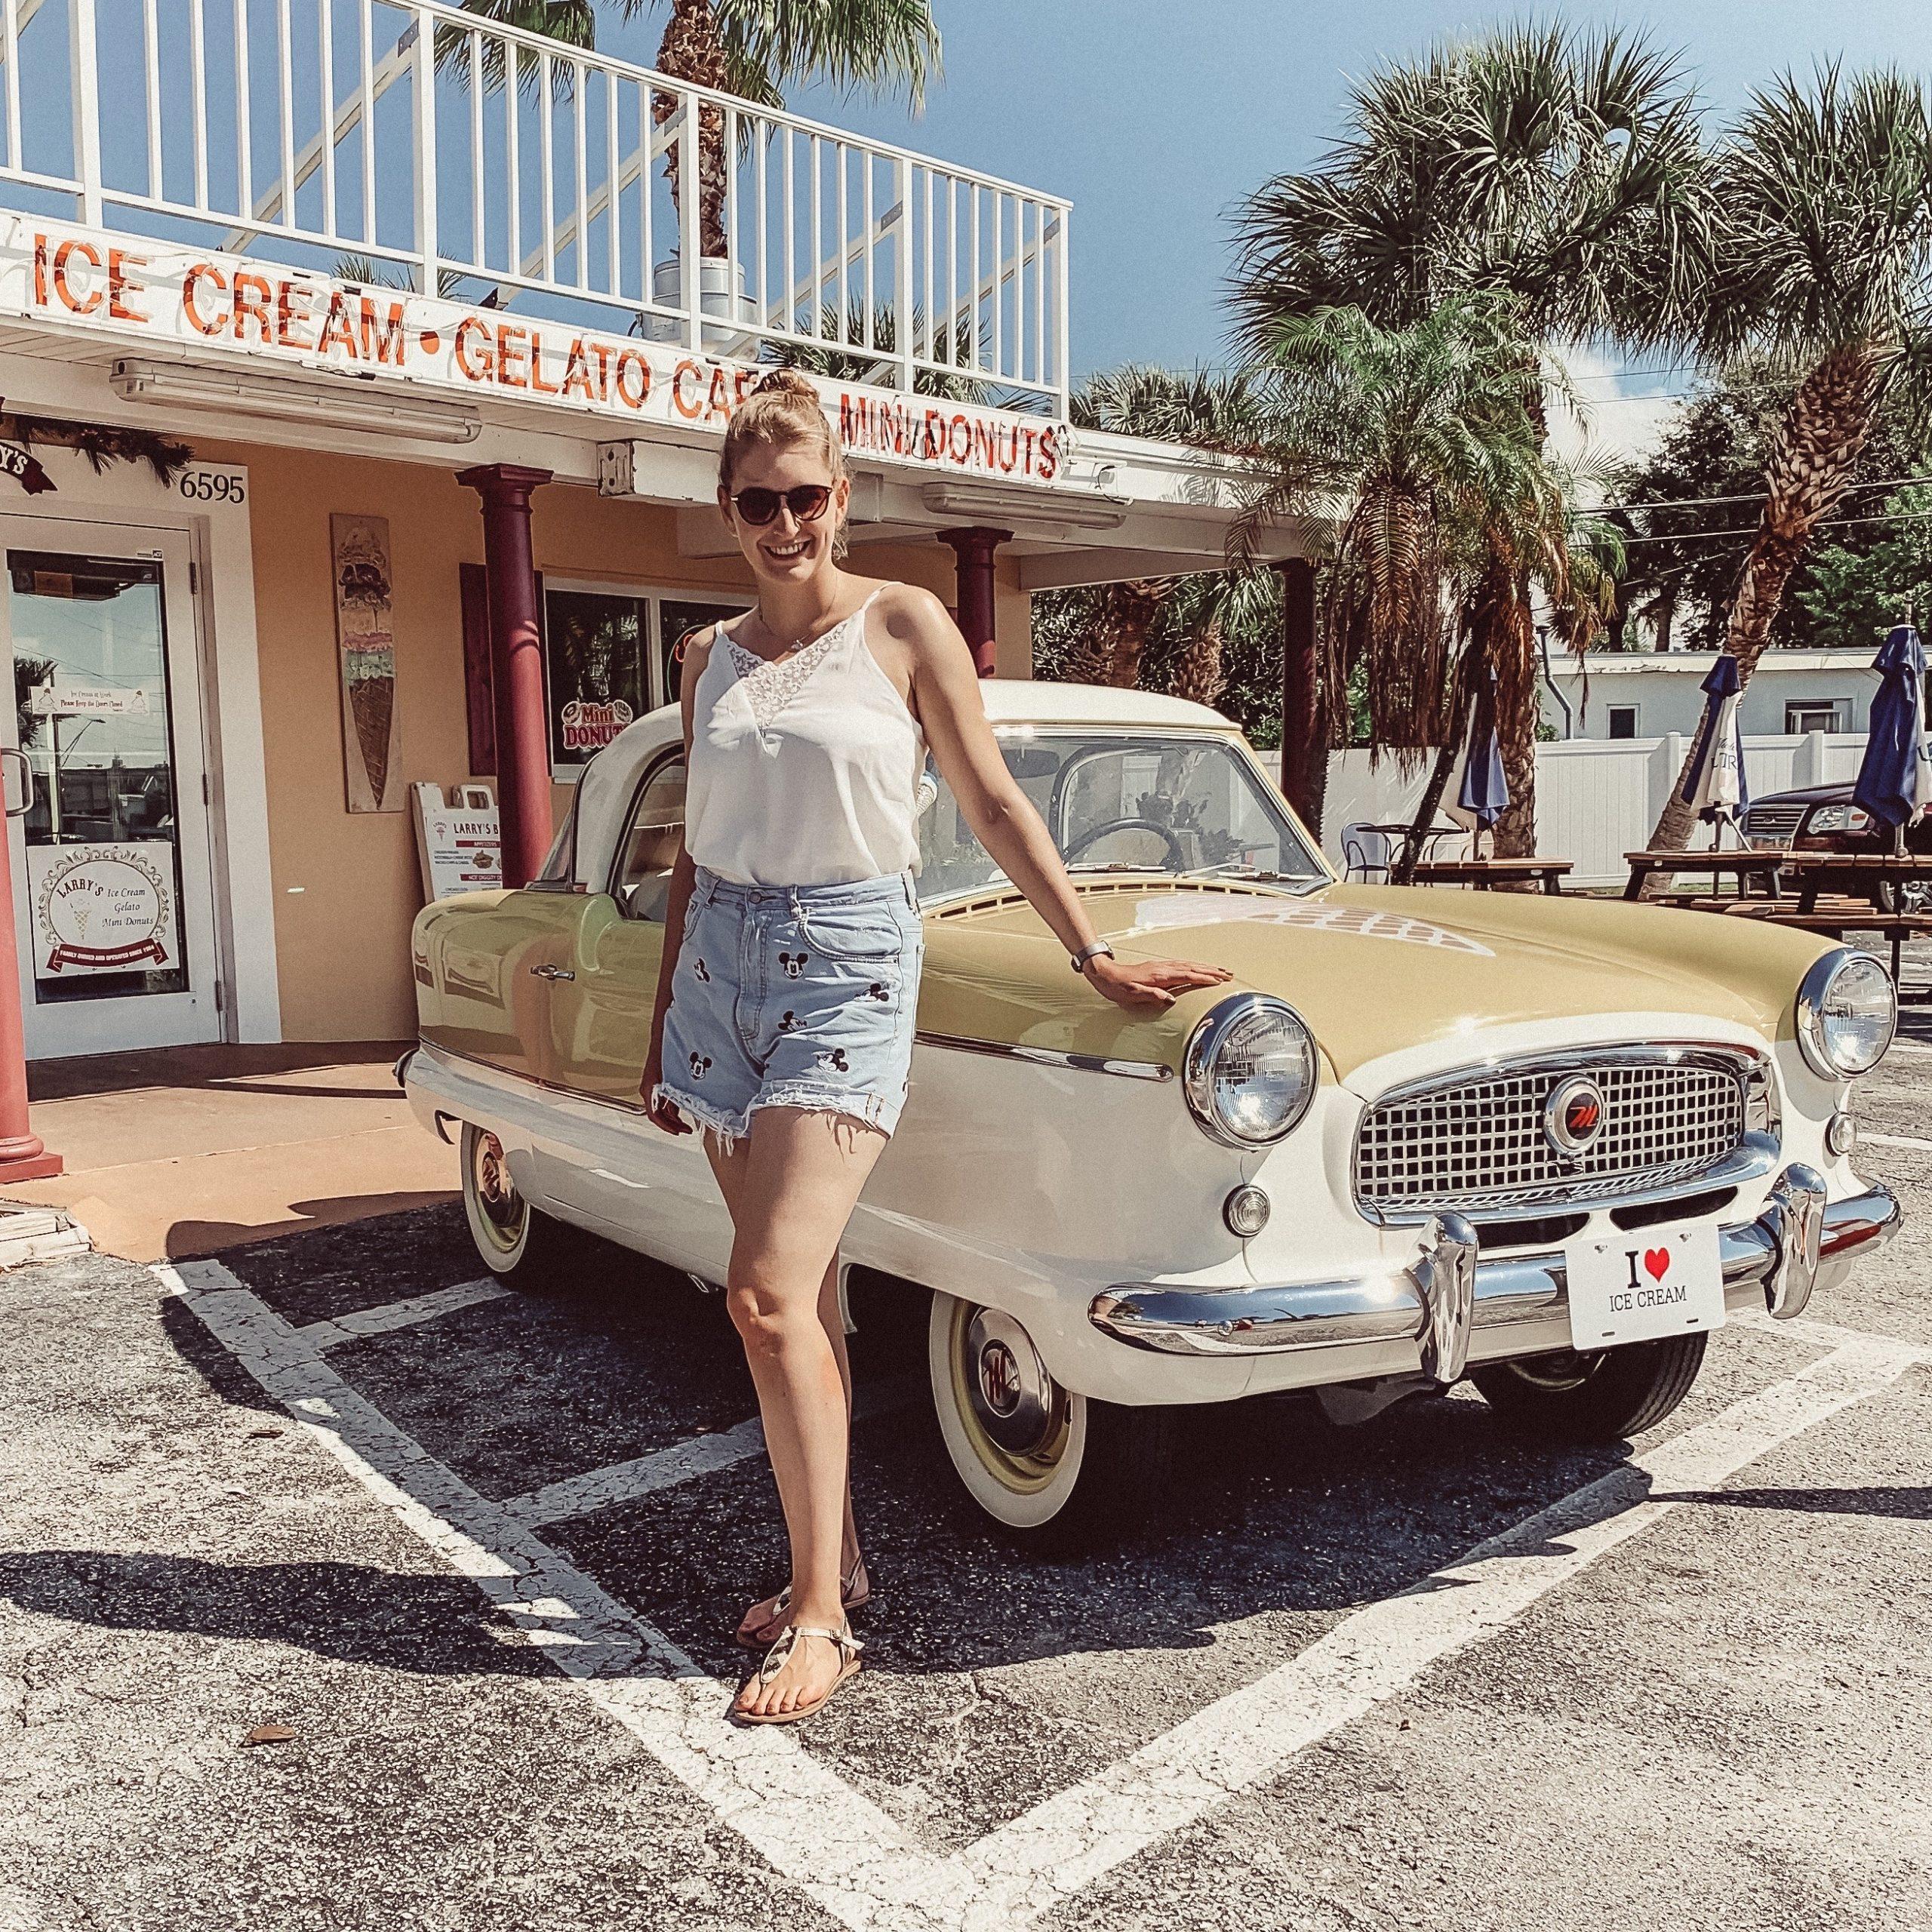 Tampa Bay – Unternehmungen rund um St. Pete Beach in Florida